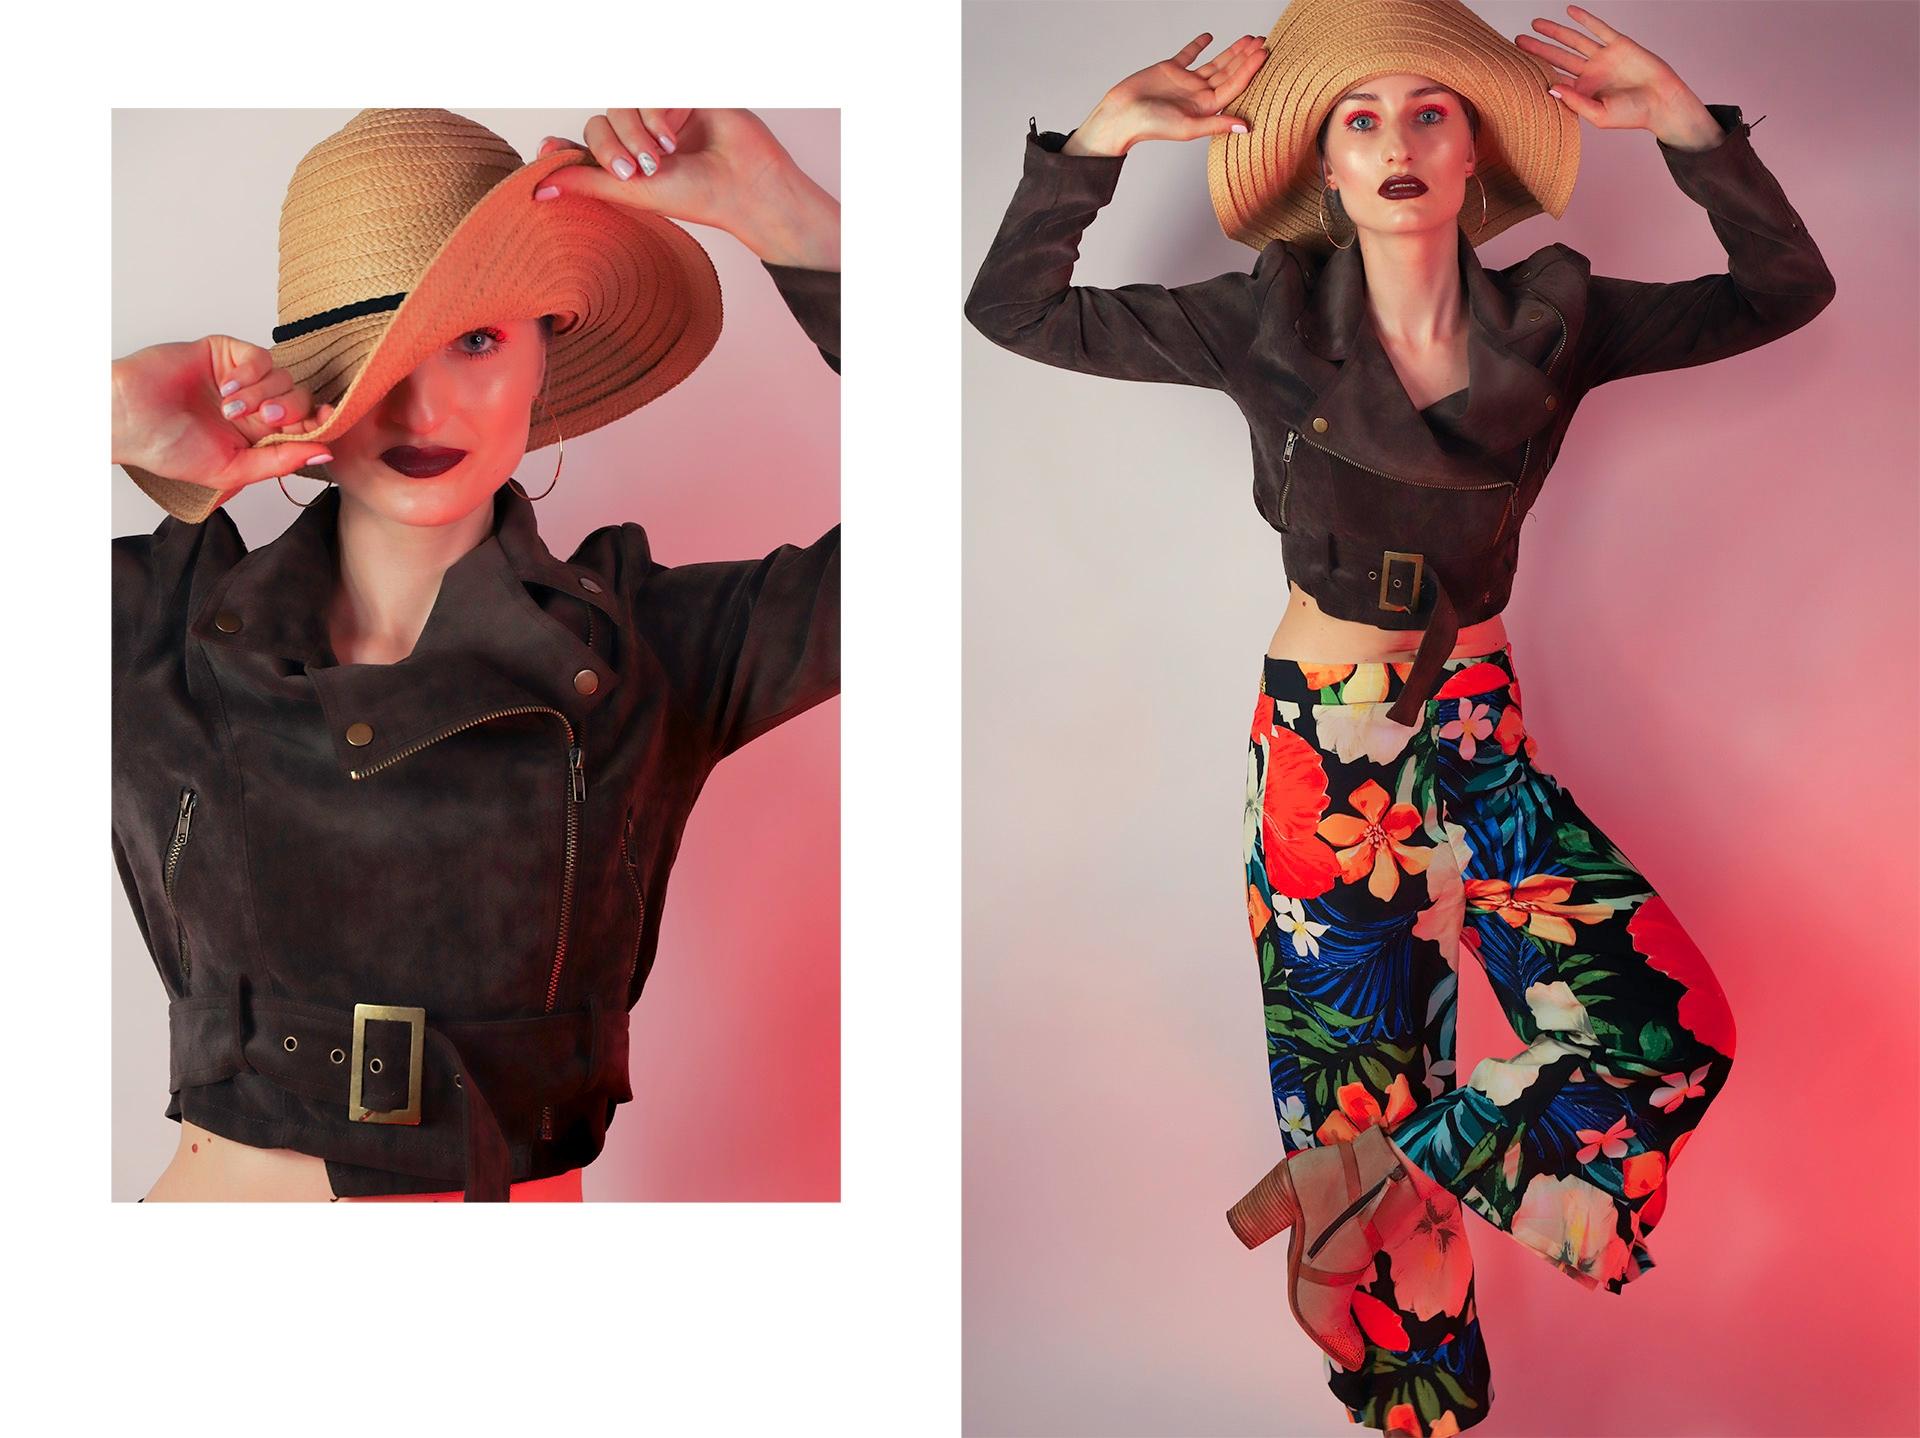 Obraz przedstawia dwa zdjęcia, zdjęcie z lewej to portret, a z prawej sylwetka kobiety w kolorowych spodniach i kapeluszu na głowie.